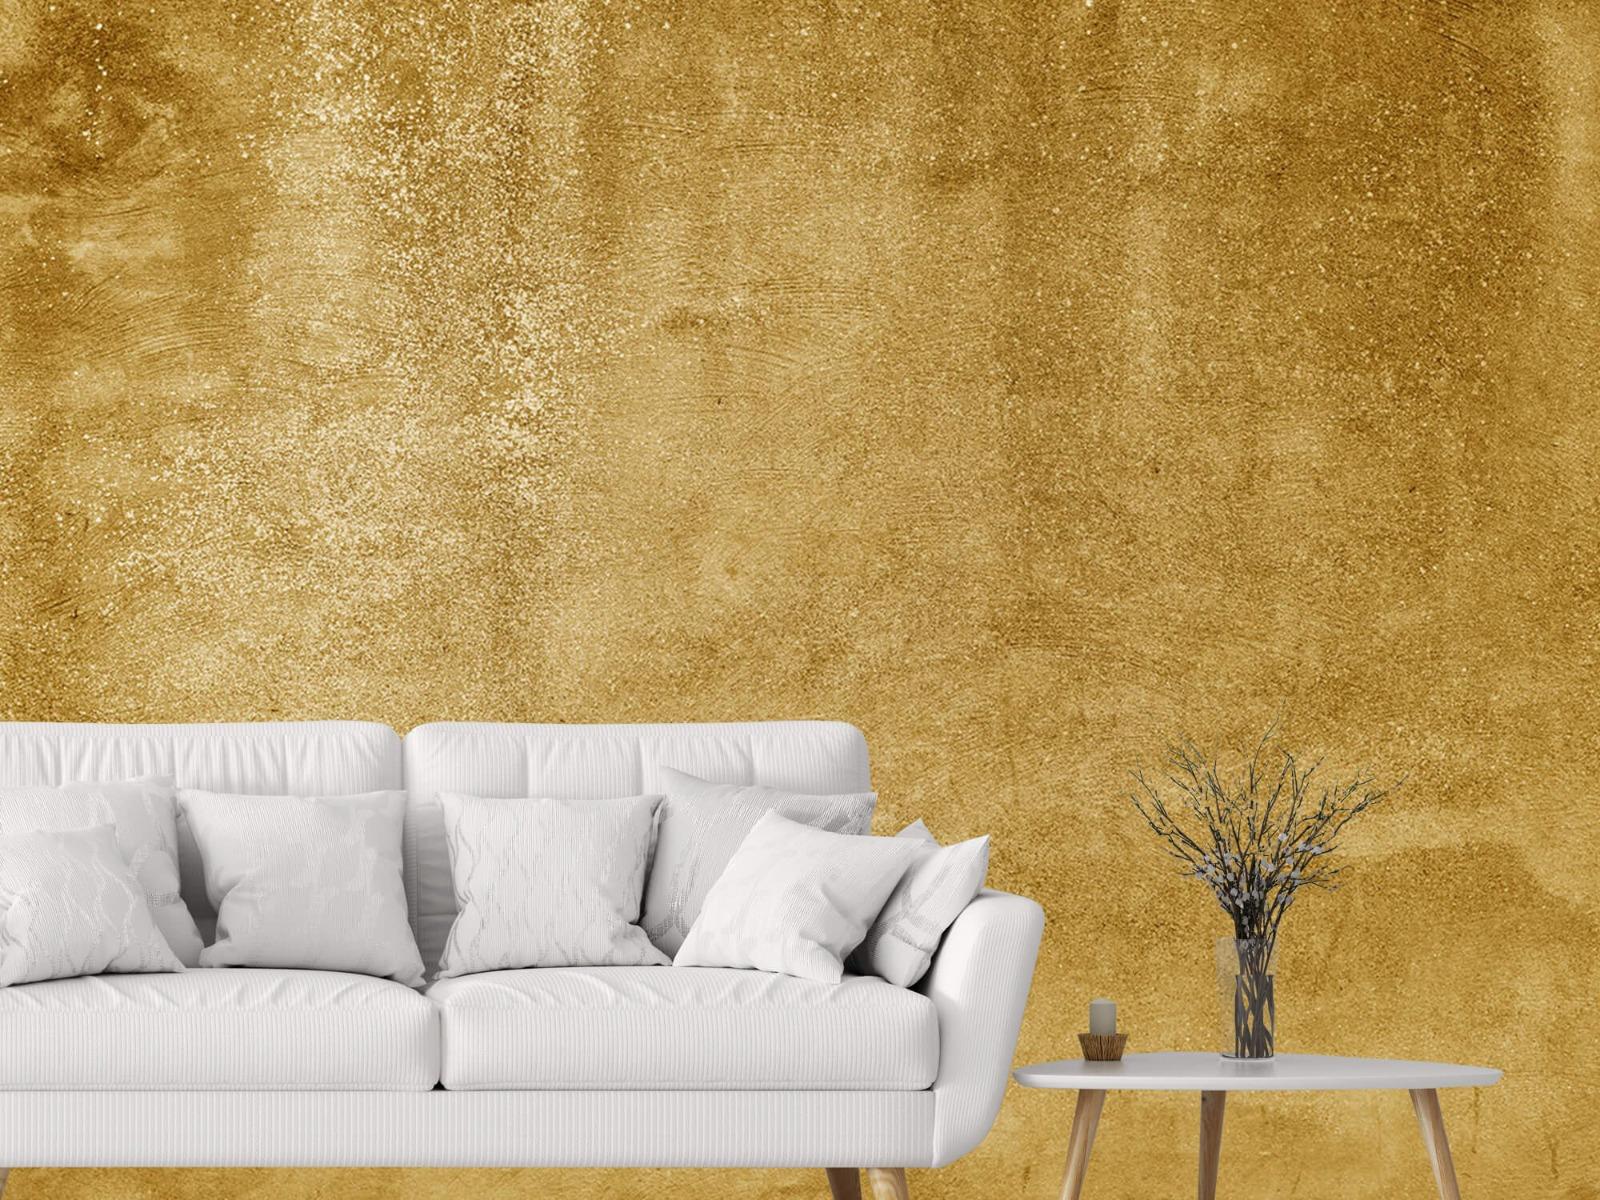 Betonoptik Tapete - Ockerhaltiger gelber Beton auf Fototapete - Wohnzimmer 4